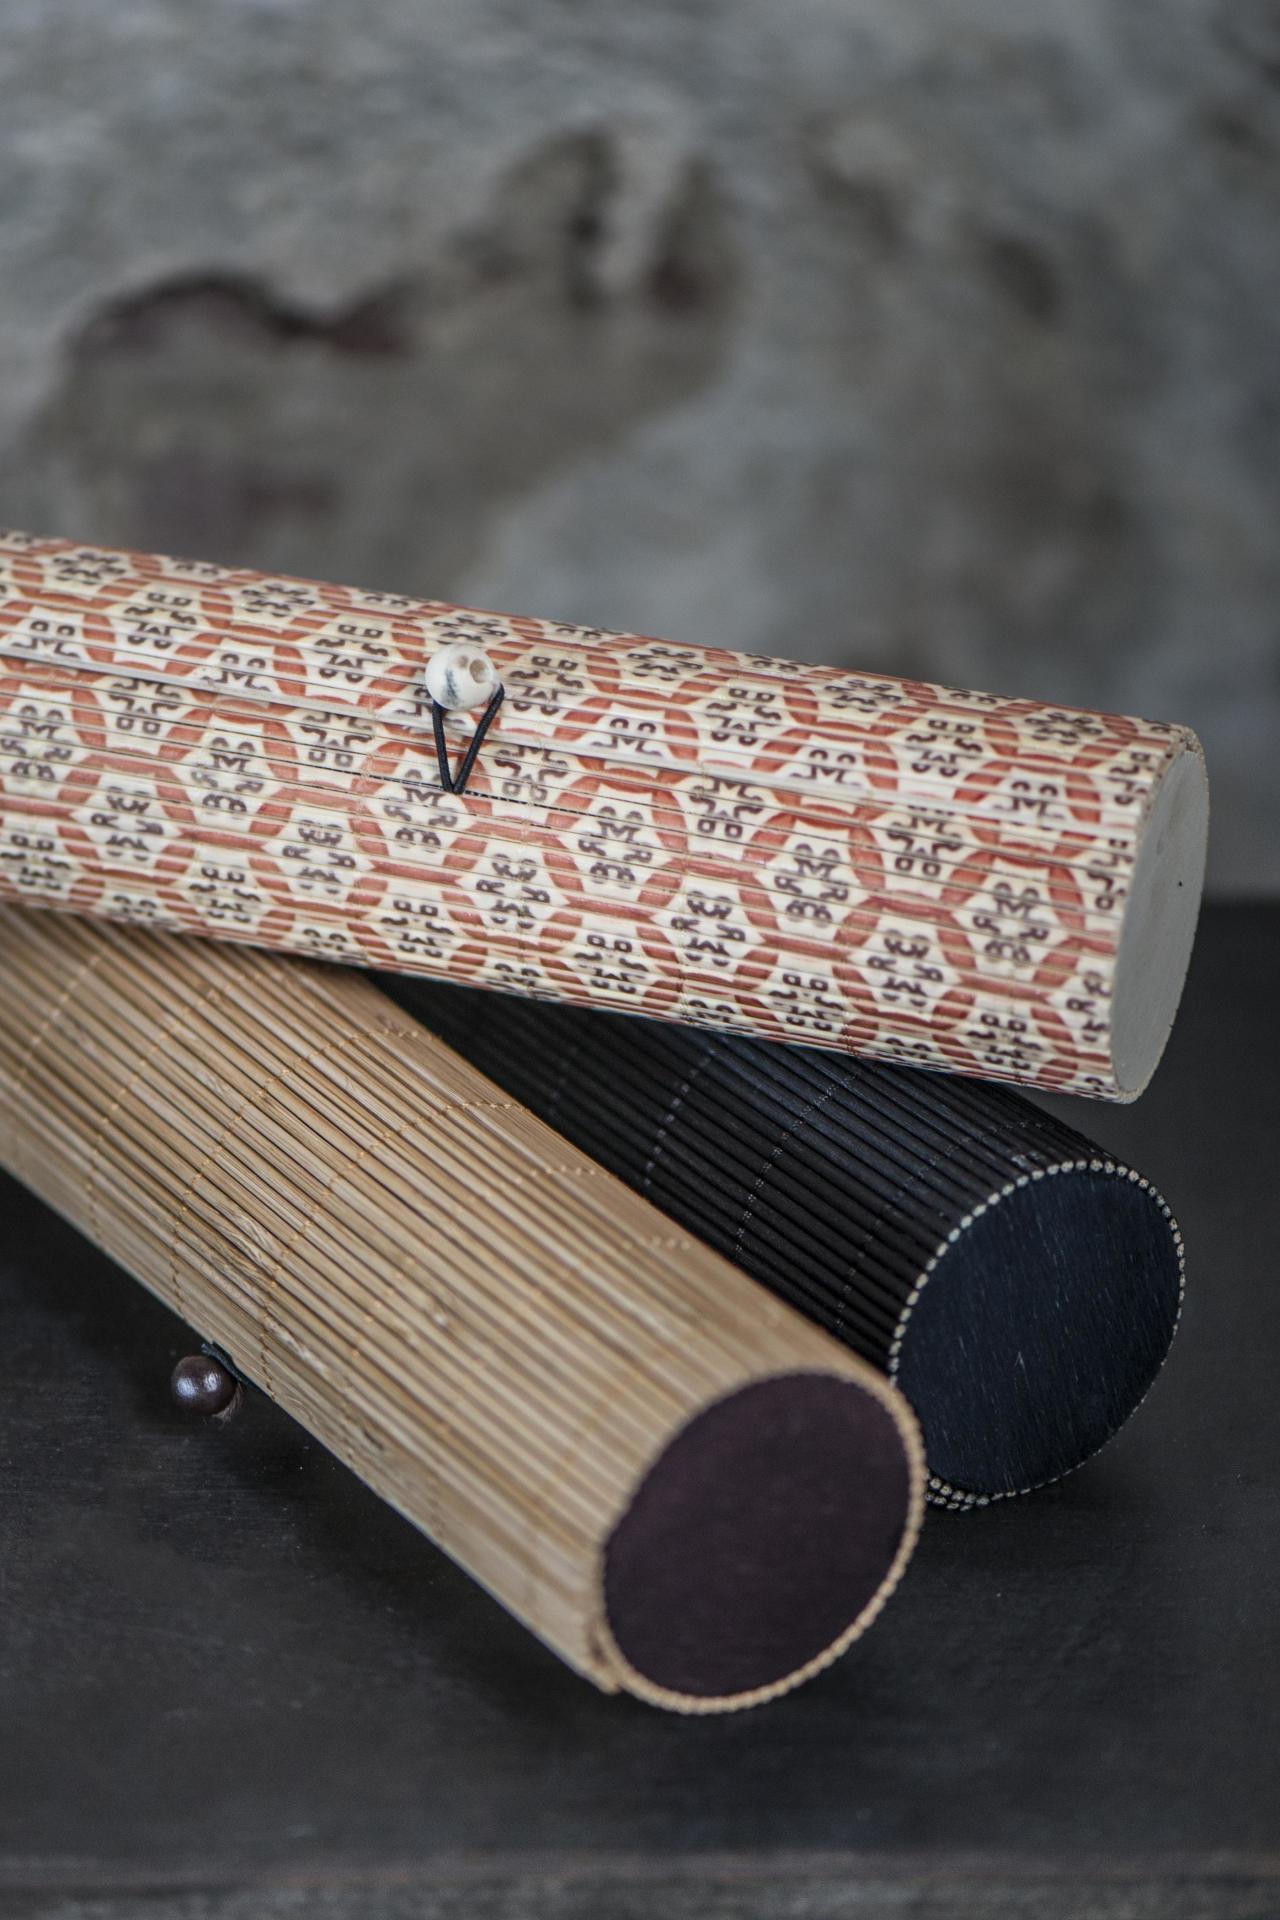 IB LAURSEN Bambusové pouzdro na tužky Mix Přírodní, oranžová barva, béžová barva, černá barva, dřevo, dřevotříska